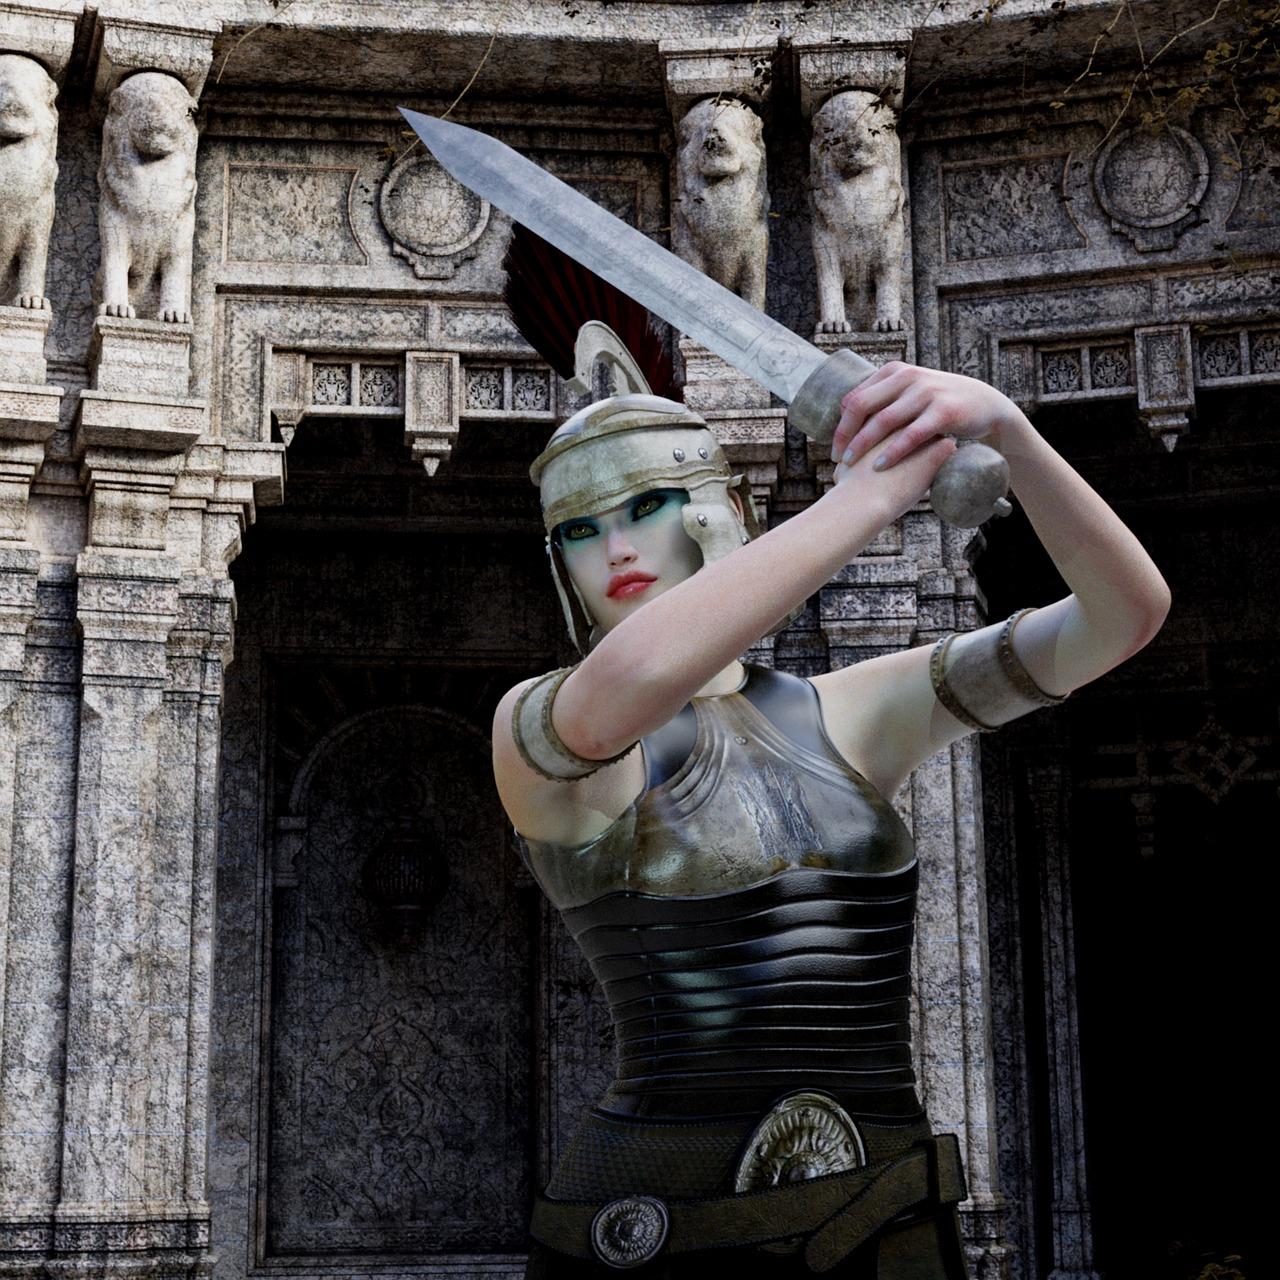 donna amazzone con spada